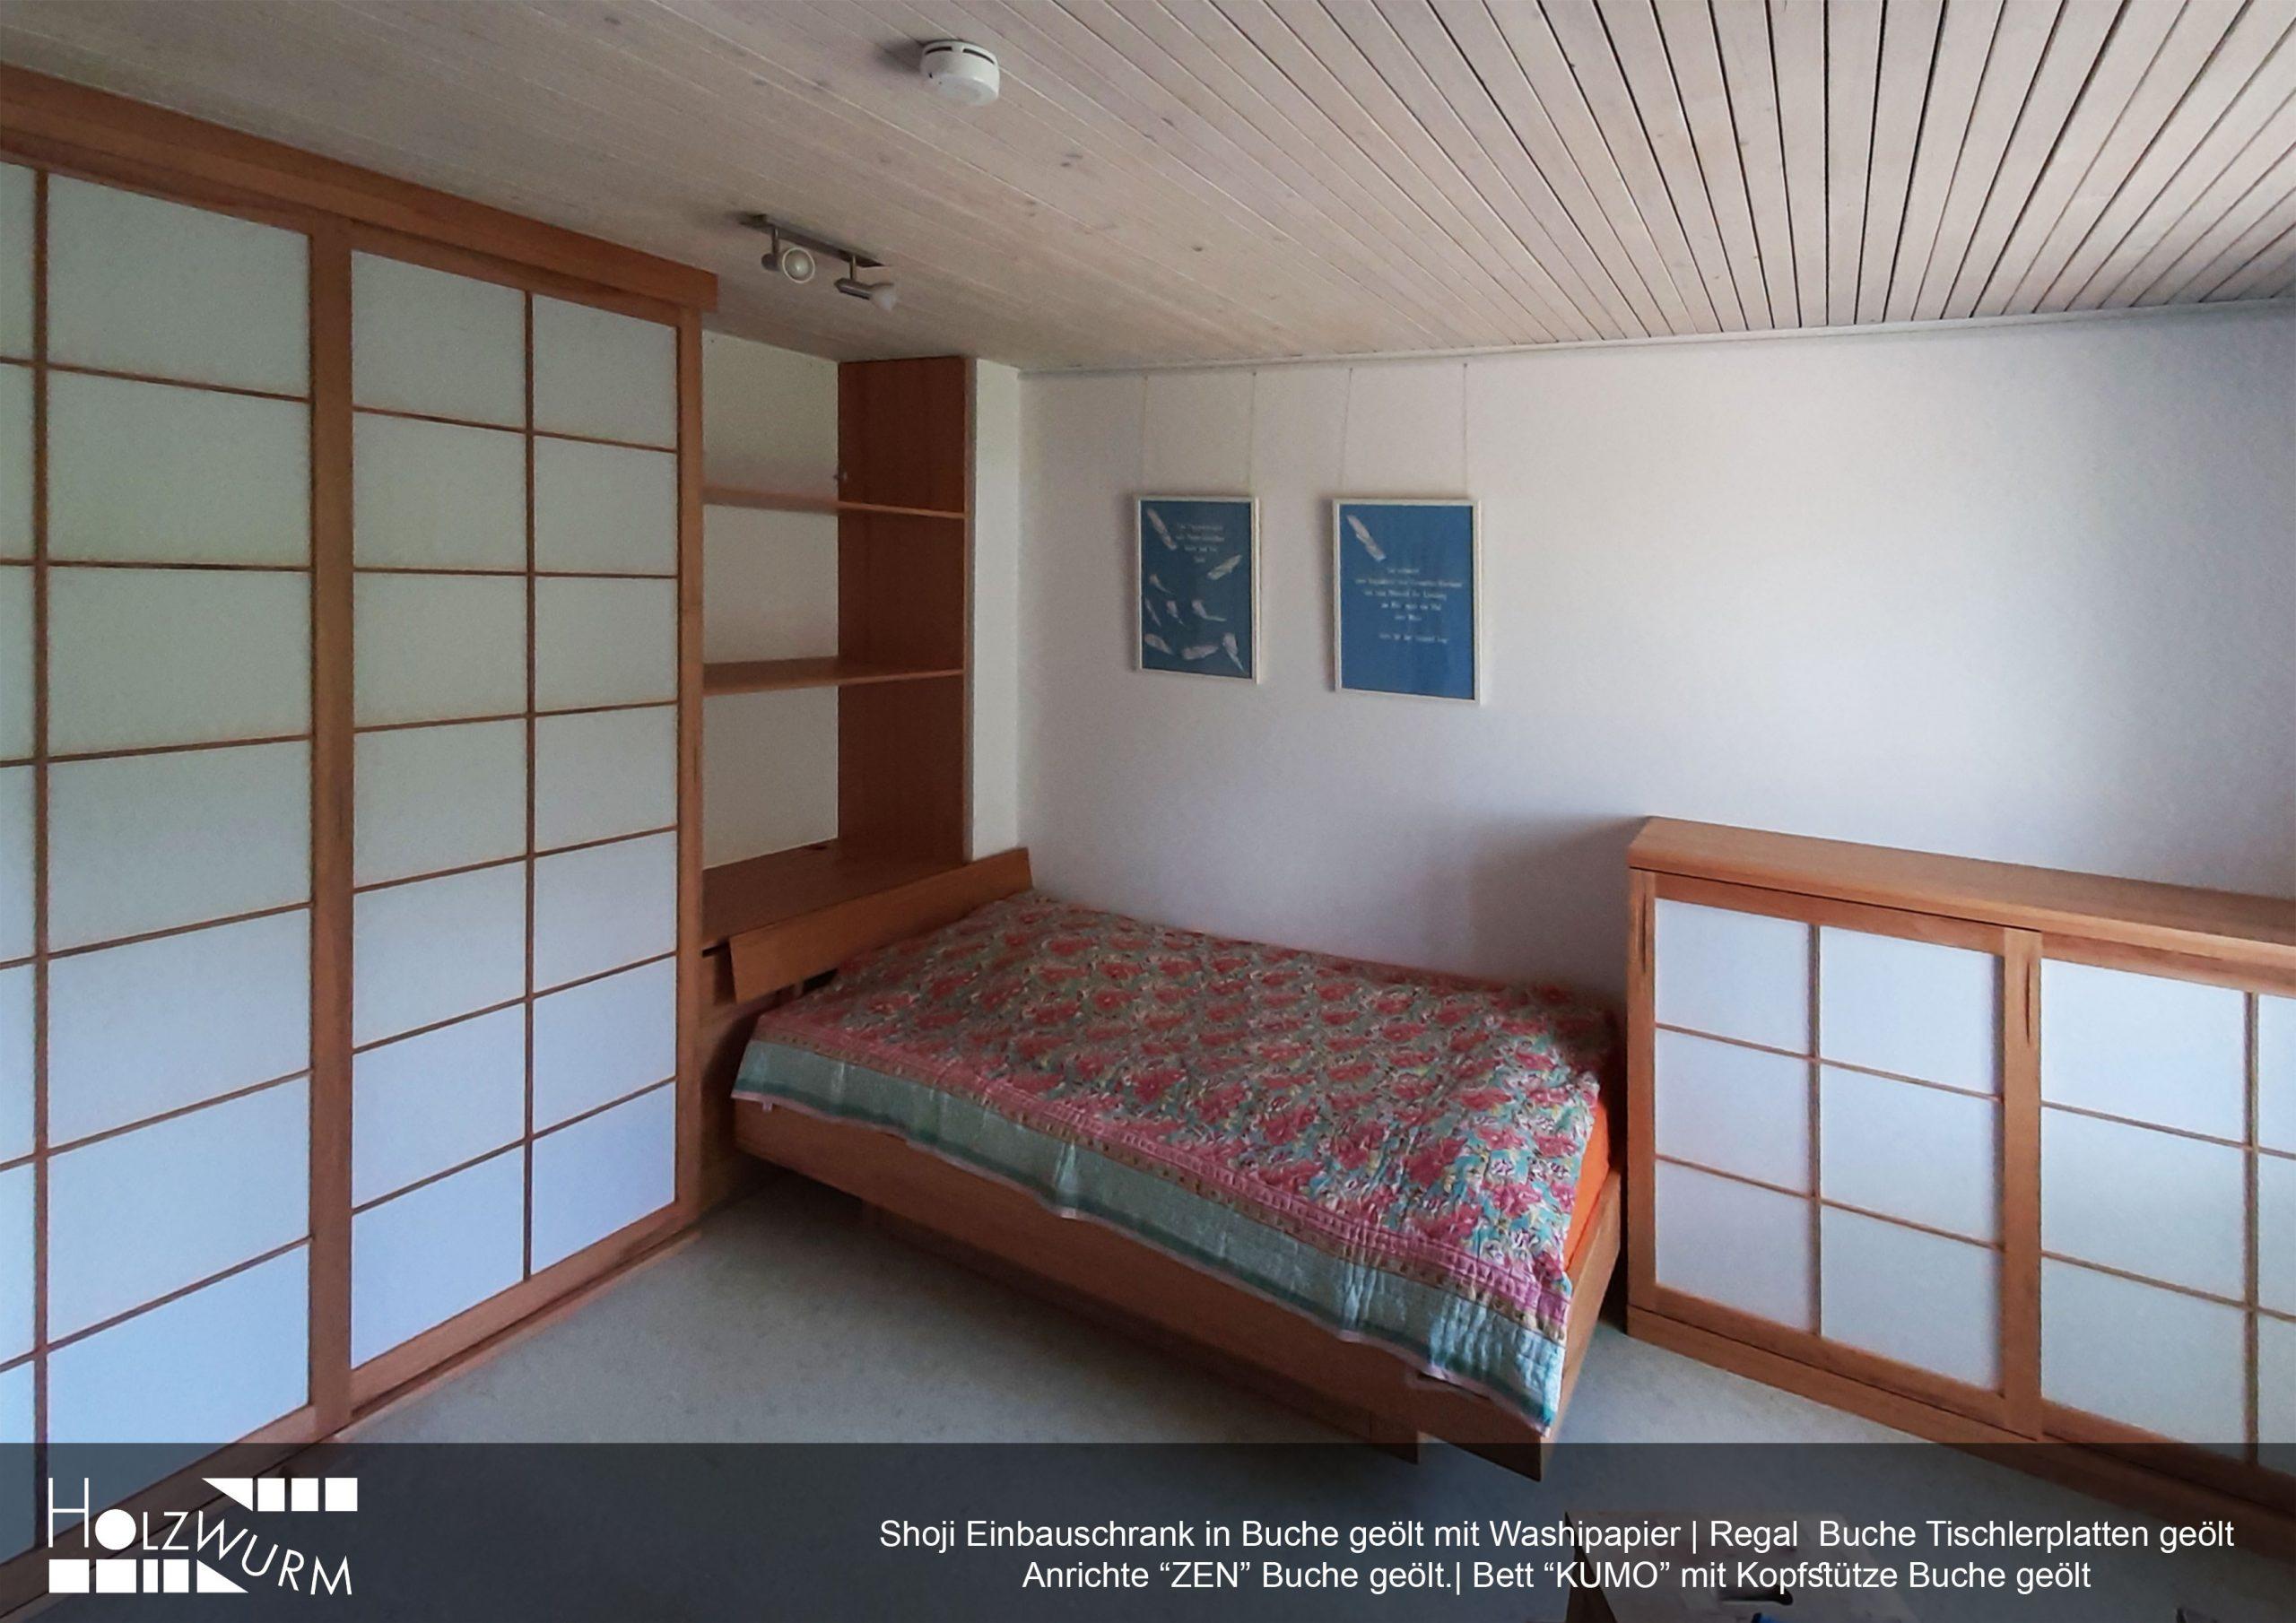 Shoji Zimmer mit Einbauschrank, Regal, Anrichte und Bett